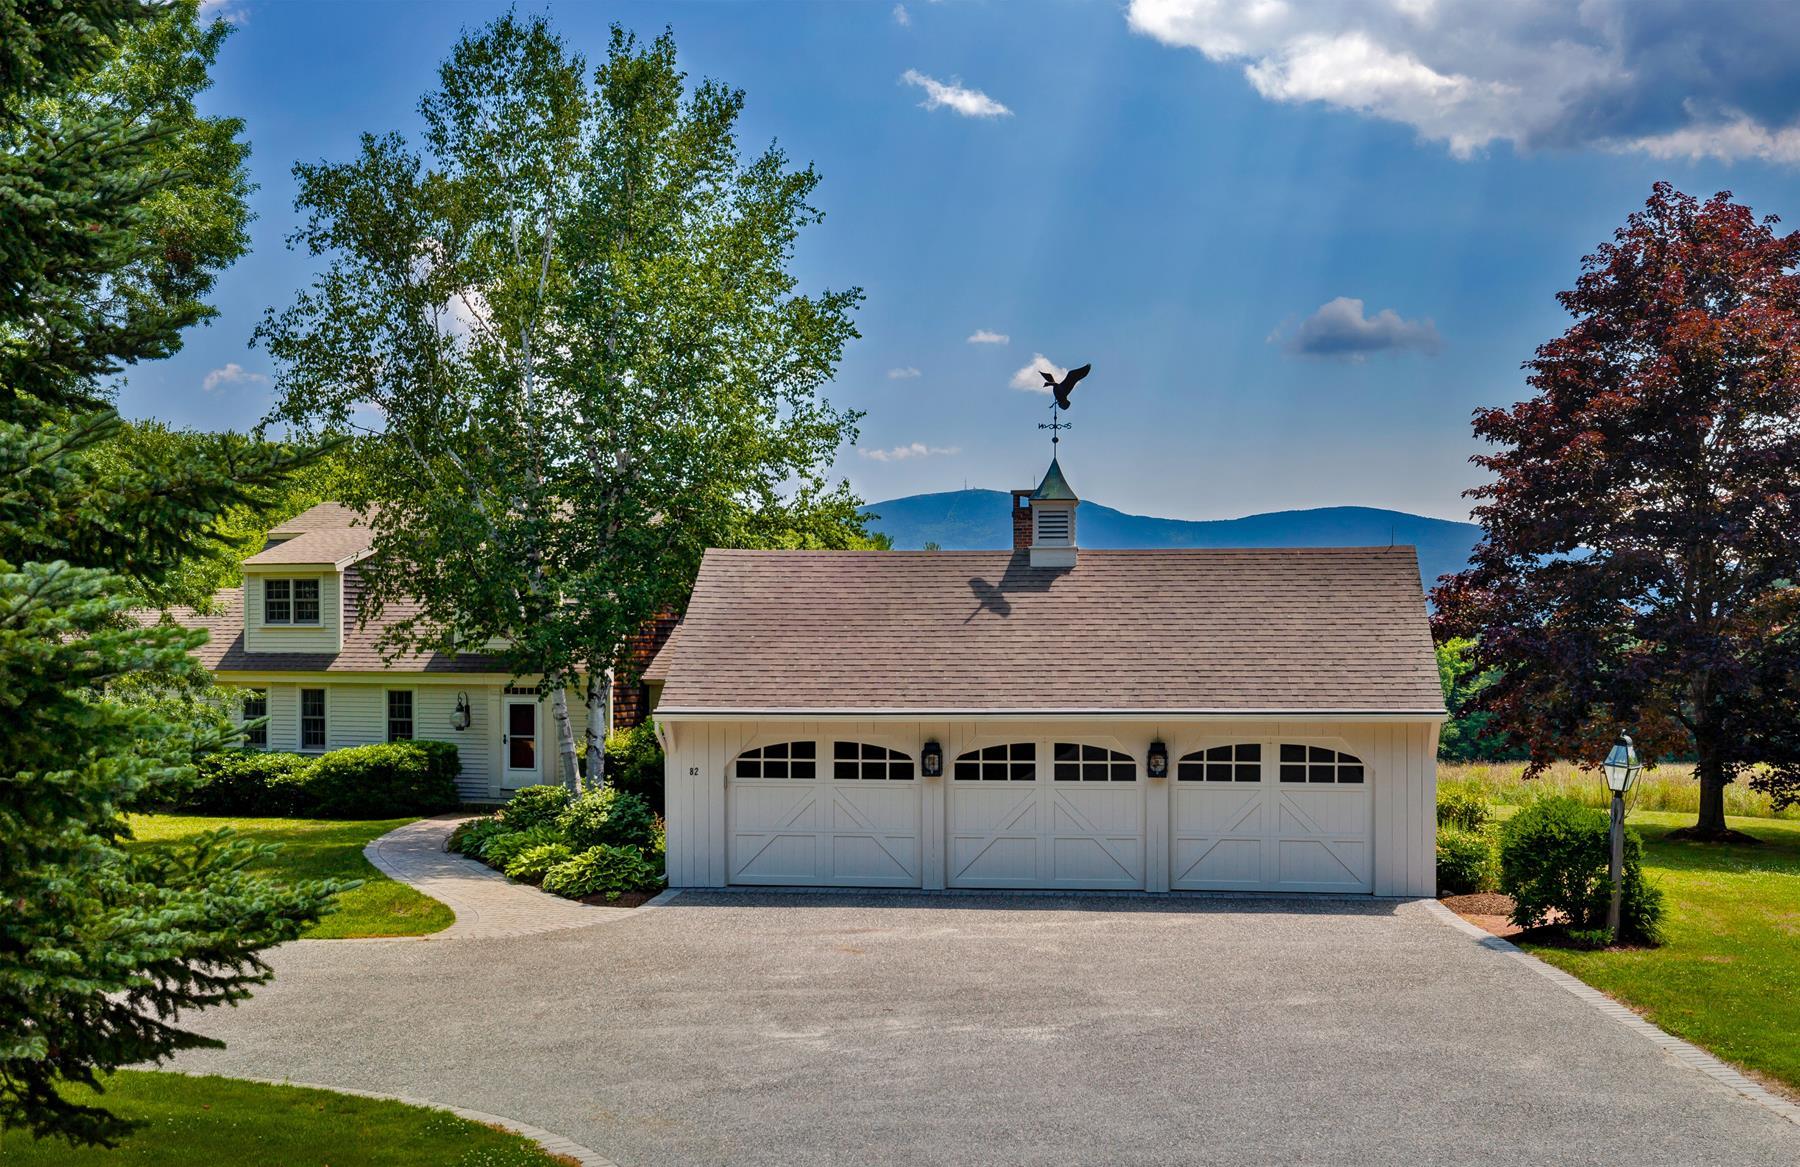 独户住宅 为 销售 在 82 Old Coach, New London 新伦敦, 新罕布什尔州 03257 美国